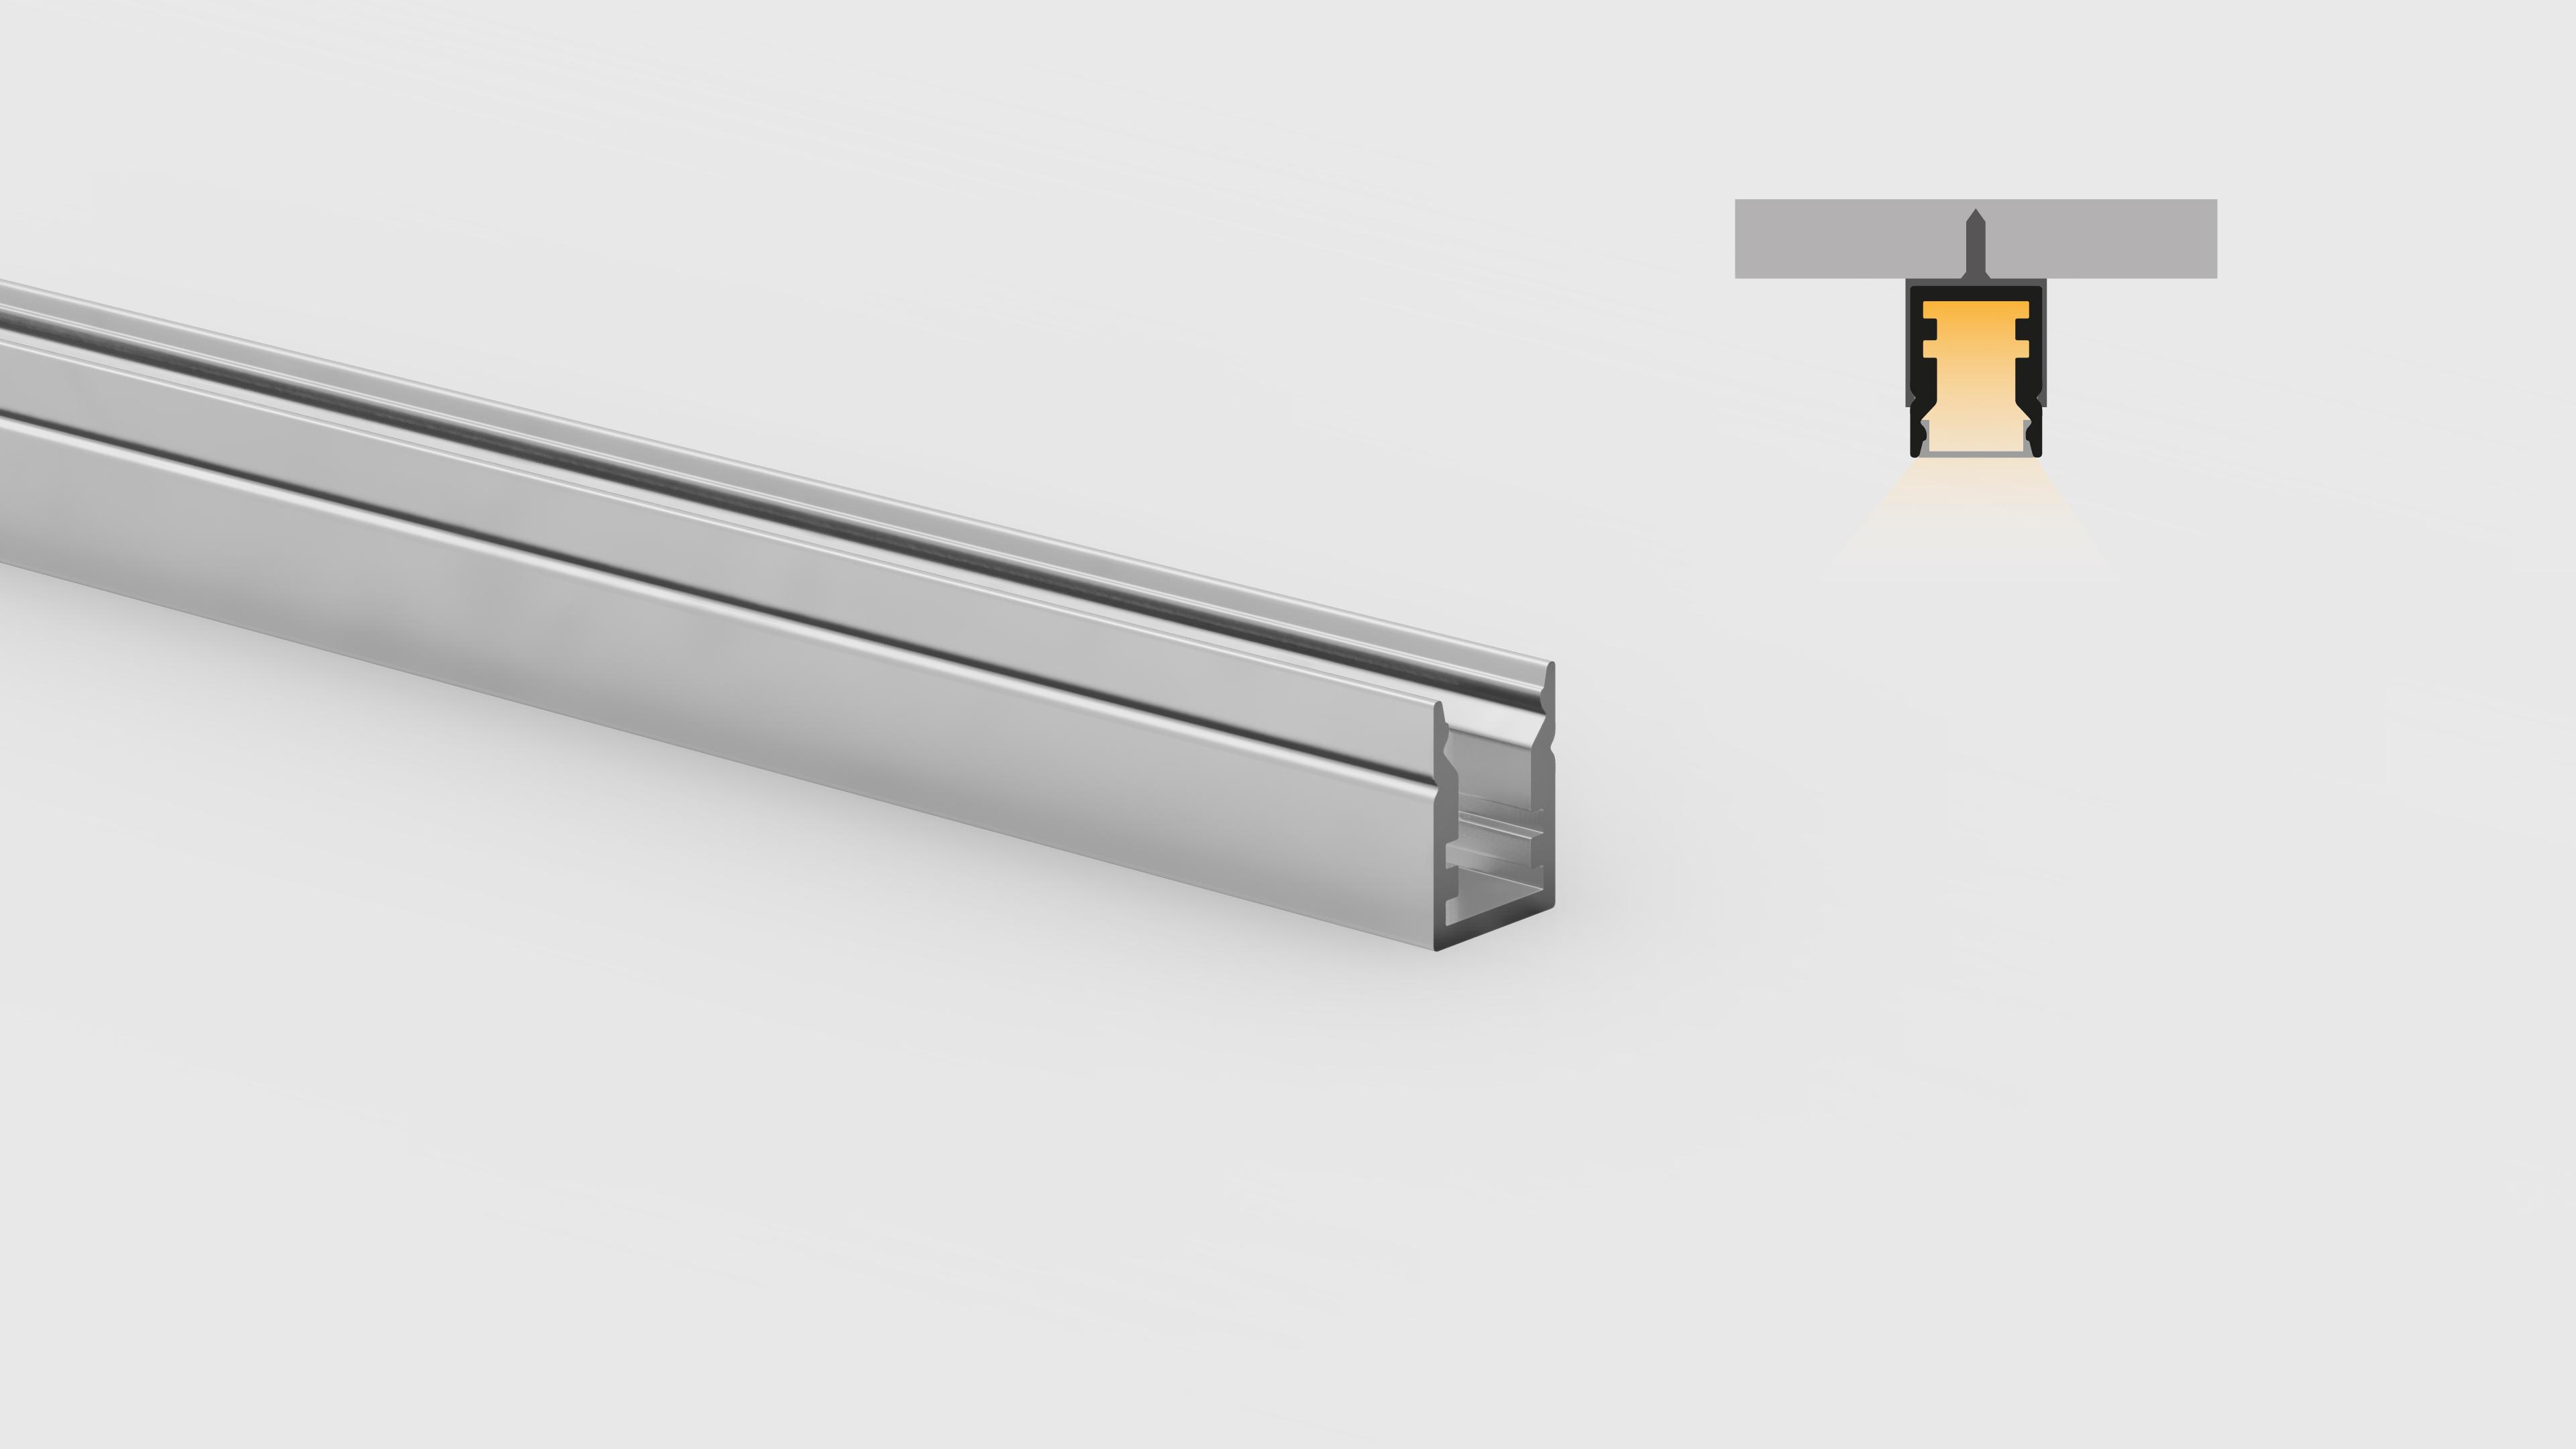 Profilo miniaturizzato installazioni superifici piane – PR113